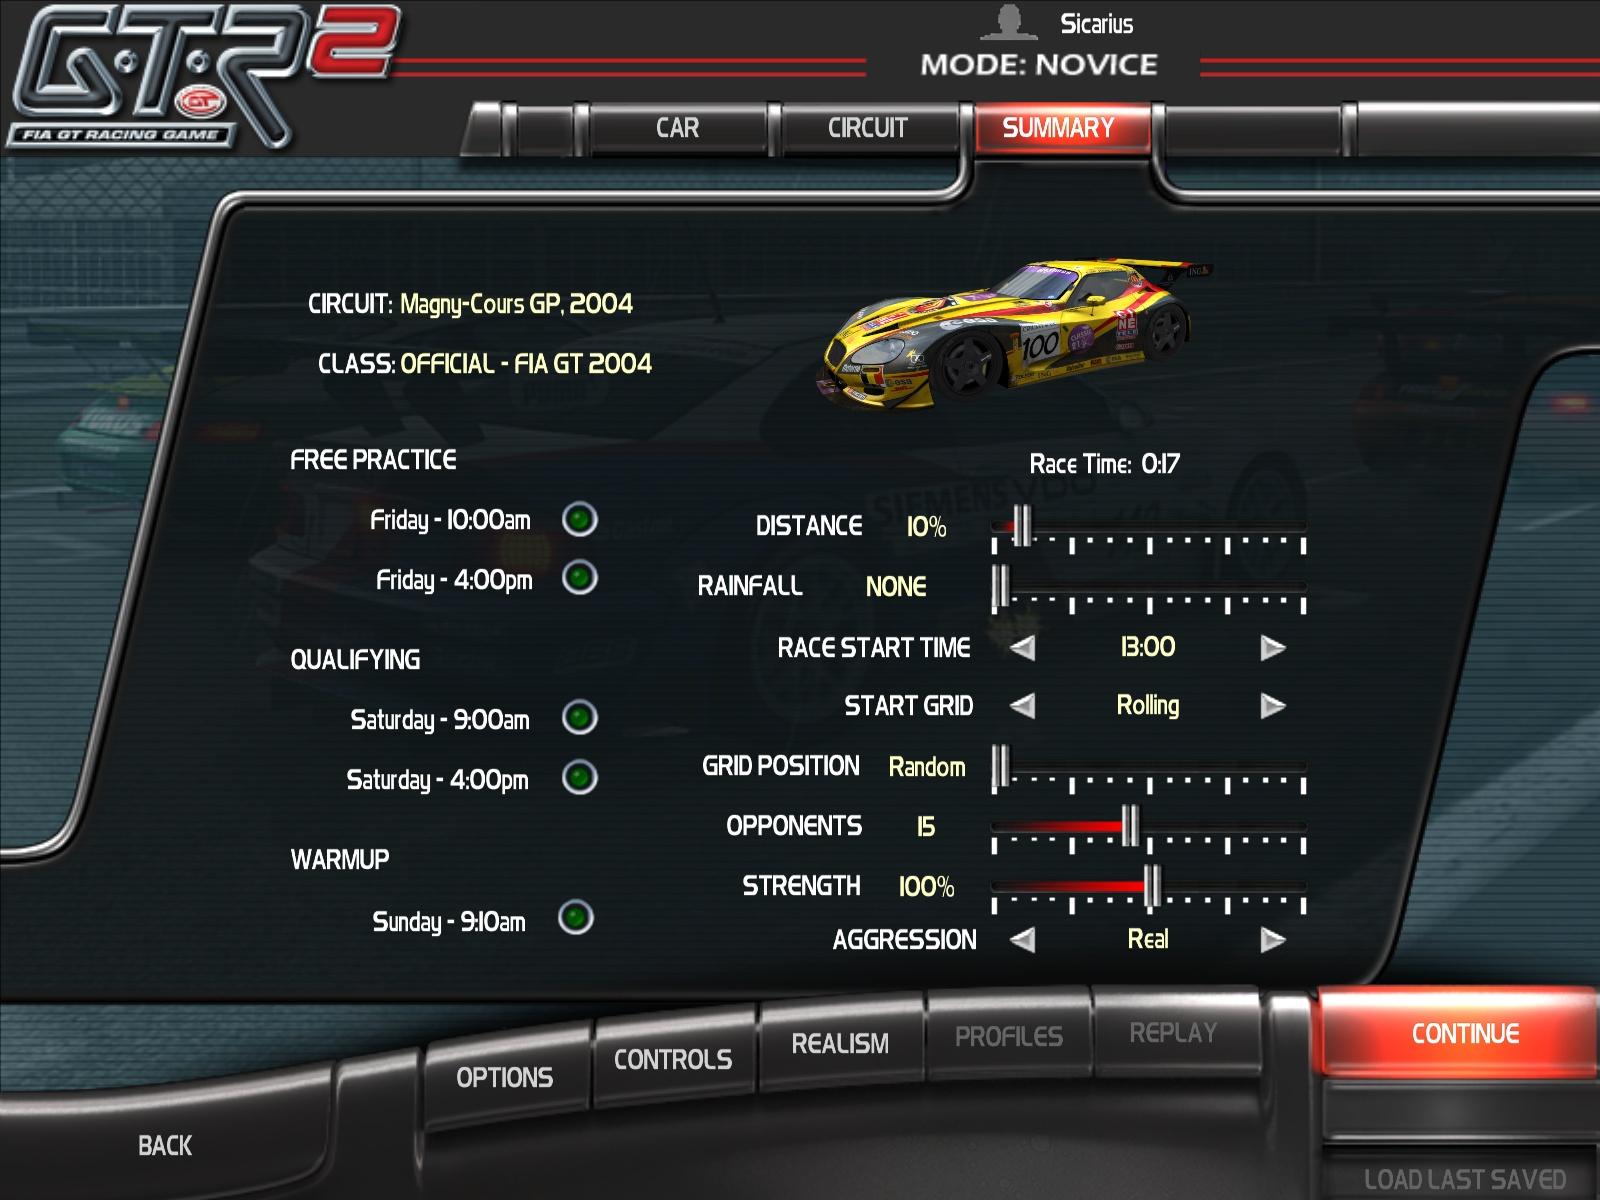 Скачать Игру Gtr 2 Fia Gt Racing Game